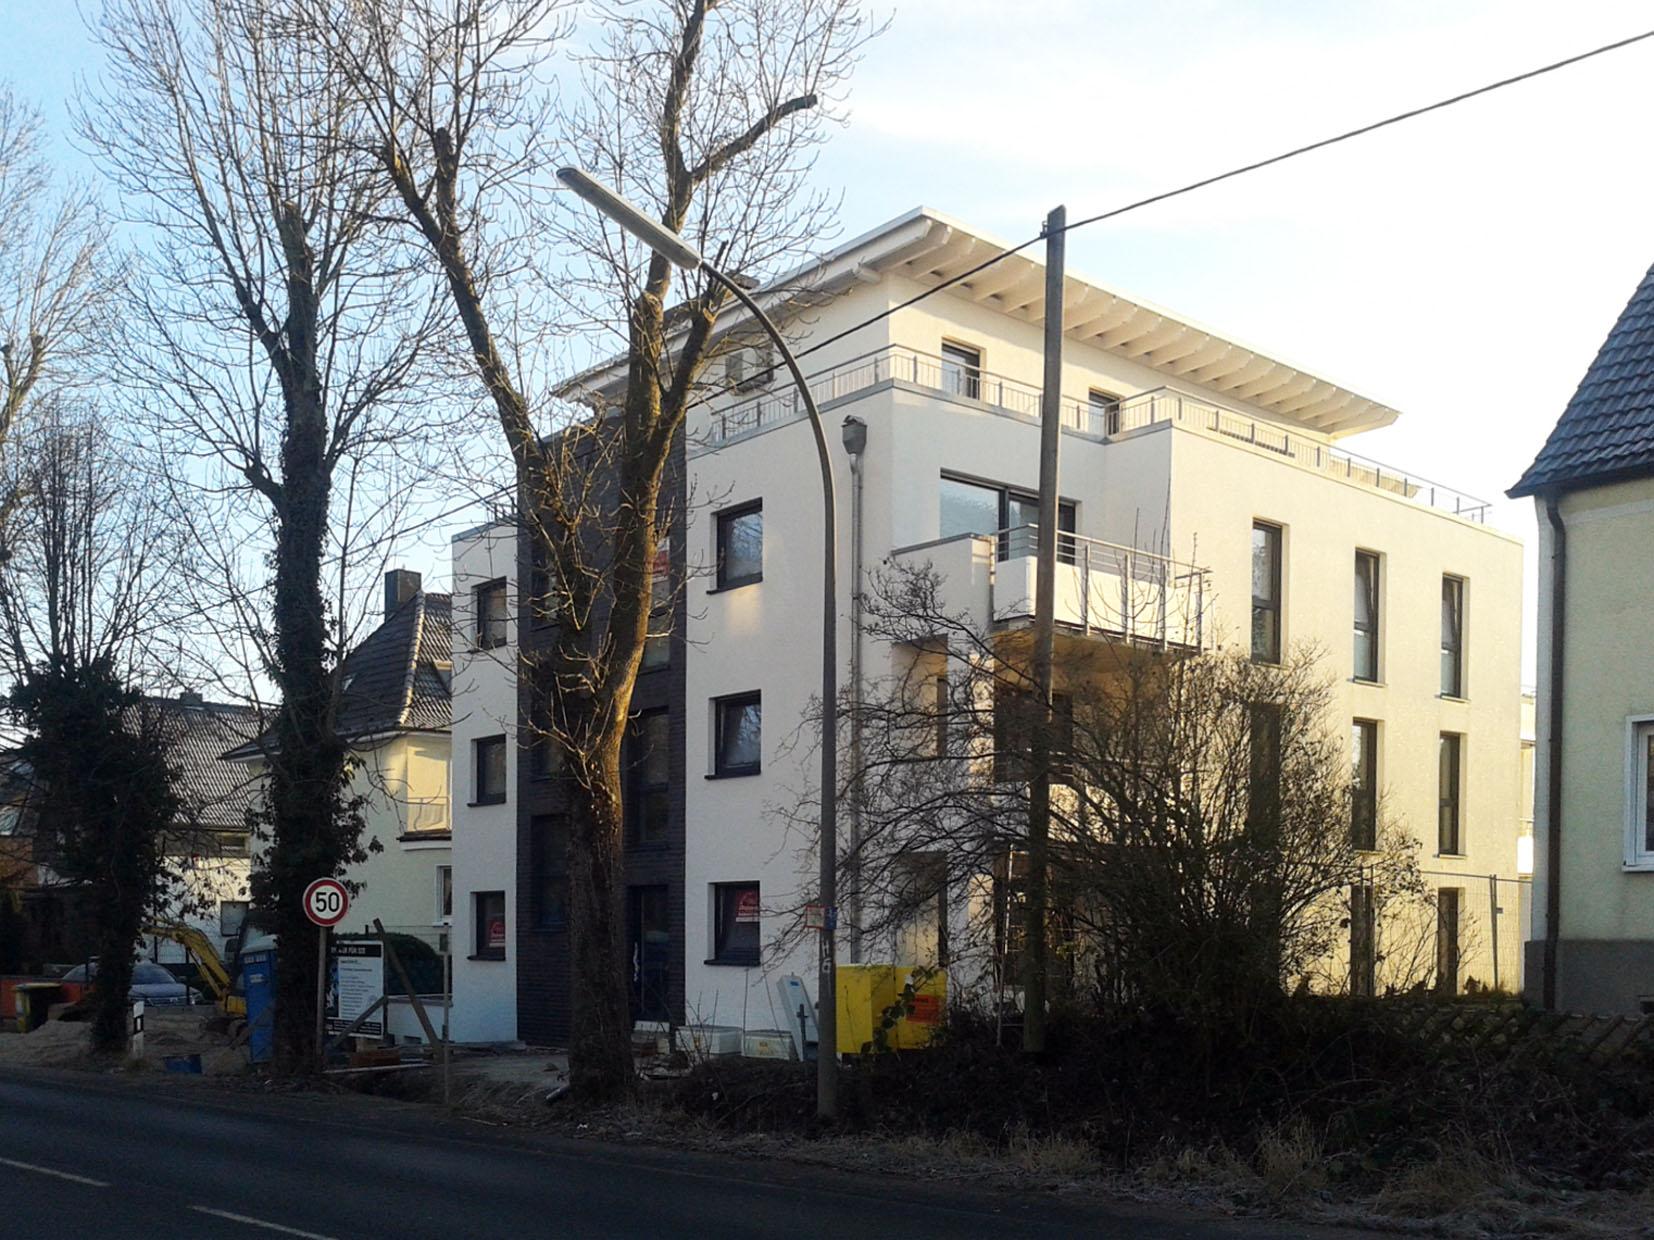 2017: Dortmund-Kirchhörde, Ortsteil Schanze, Hagener Straße 536